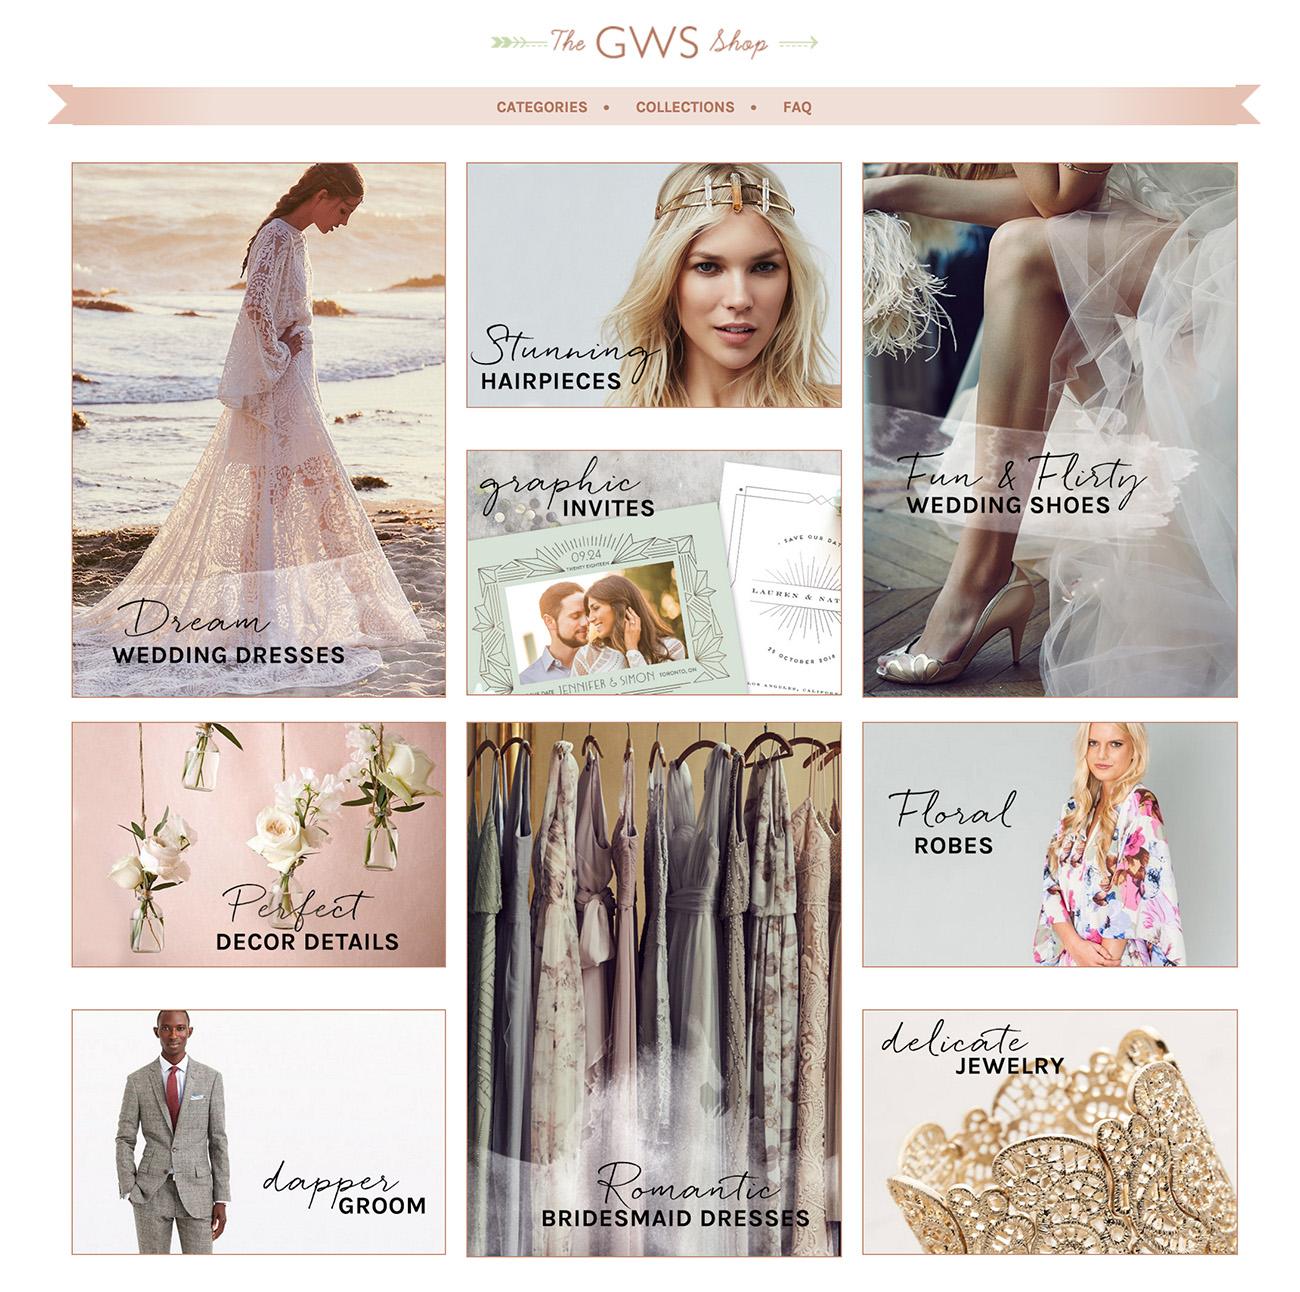 The GWS Shop